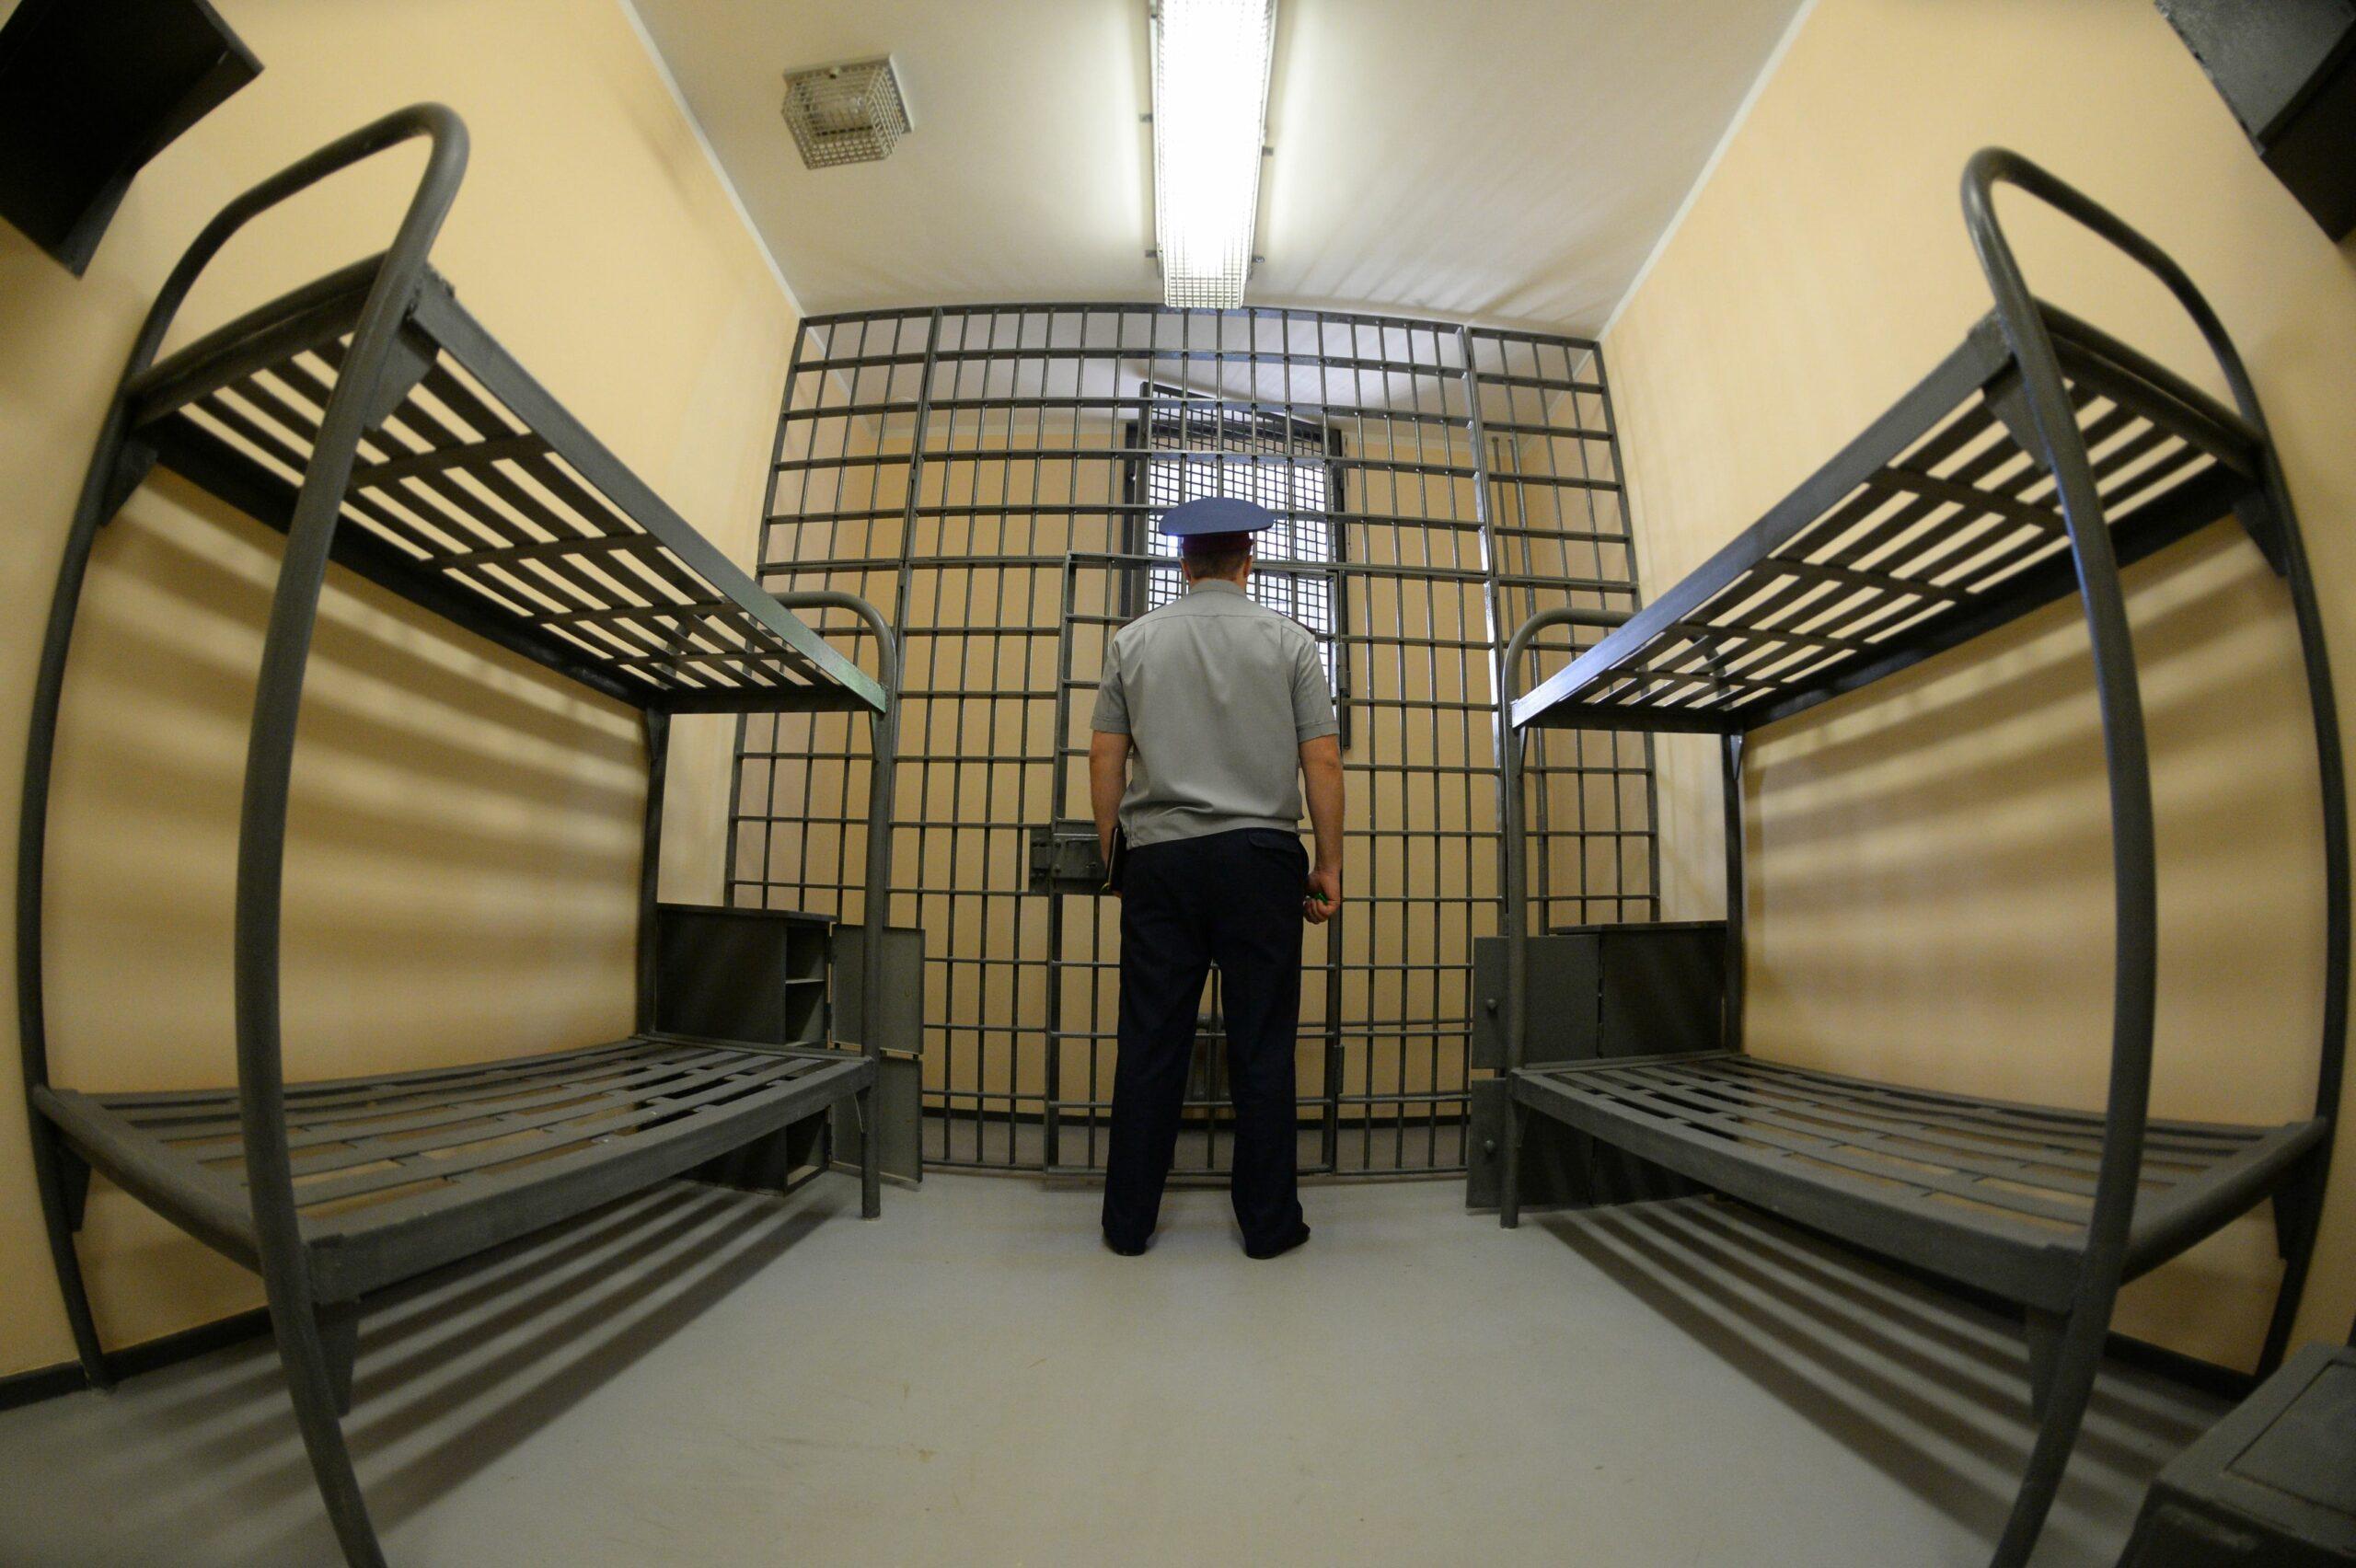 Celulă de închisoare